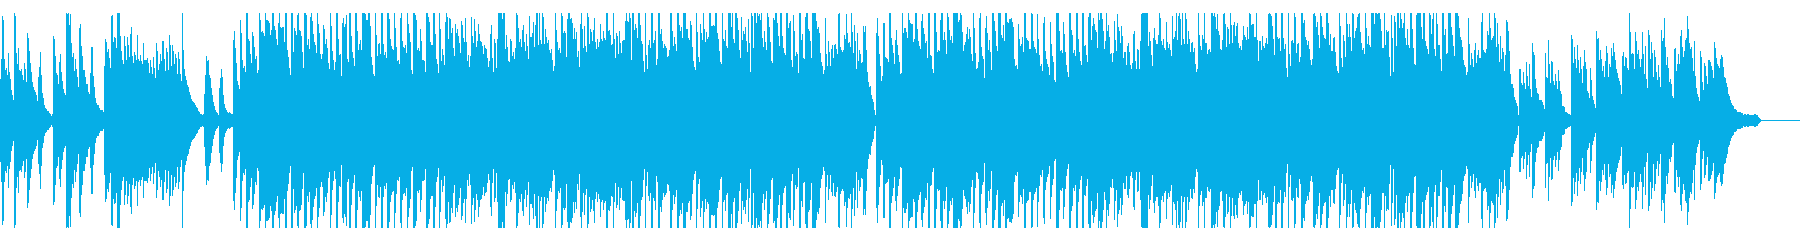 ほのぼの 素朴 ピアノとクラリネットの再生済みの波形